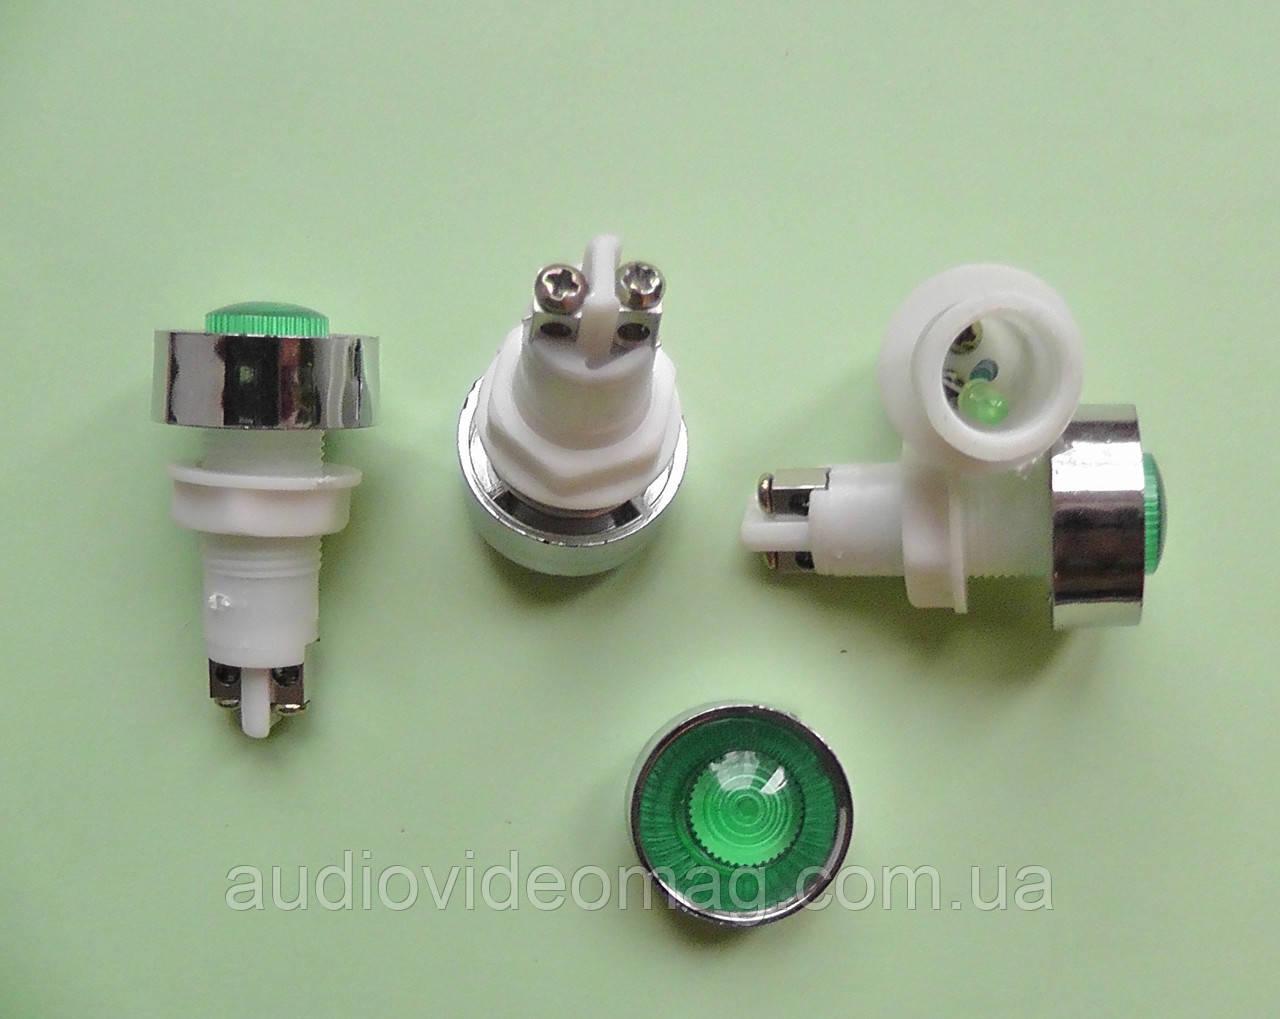 Индикатор светодиодный 12 V на панель, зеленый